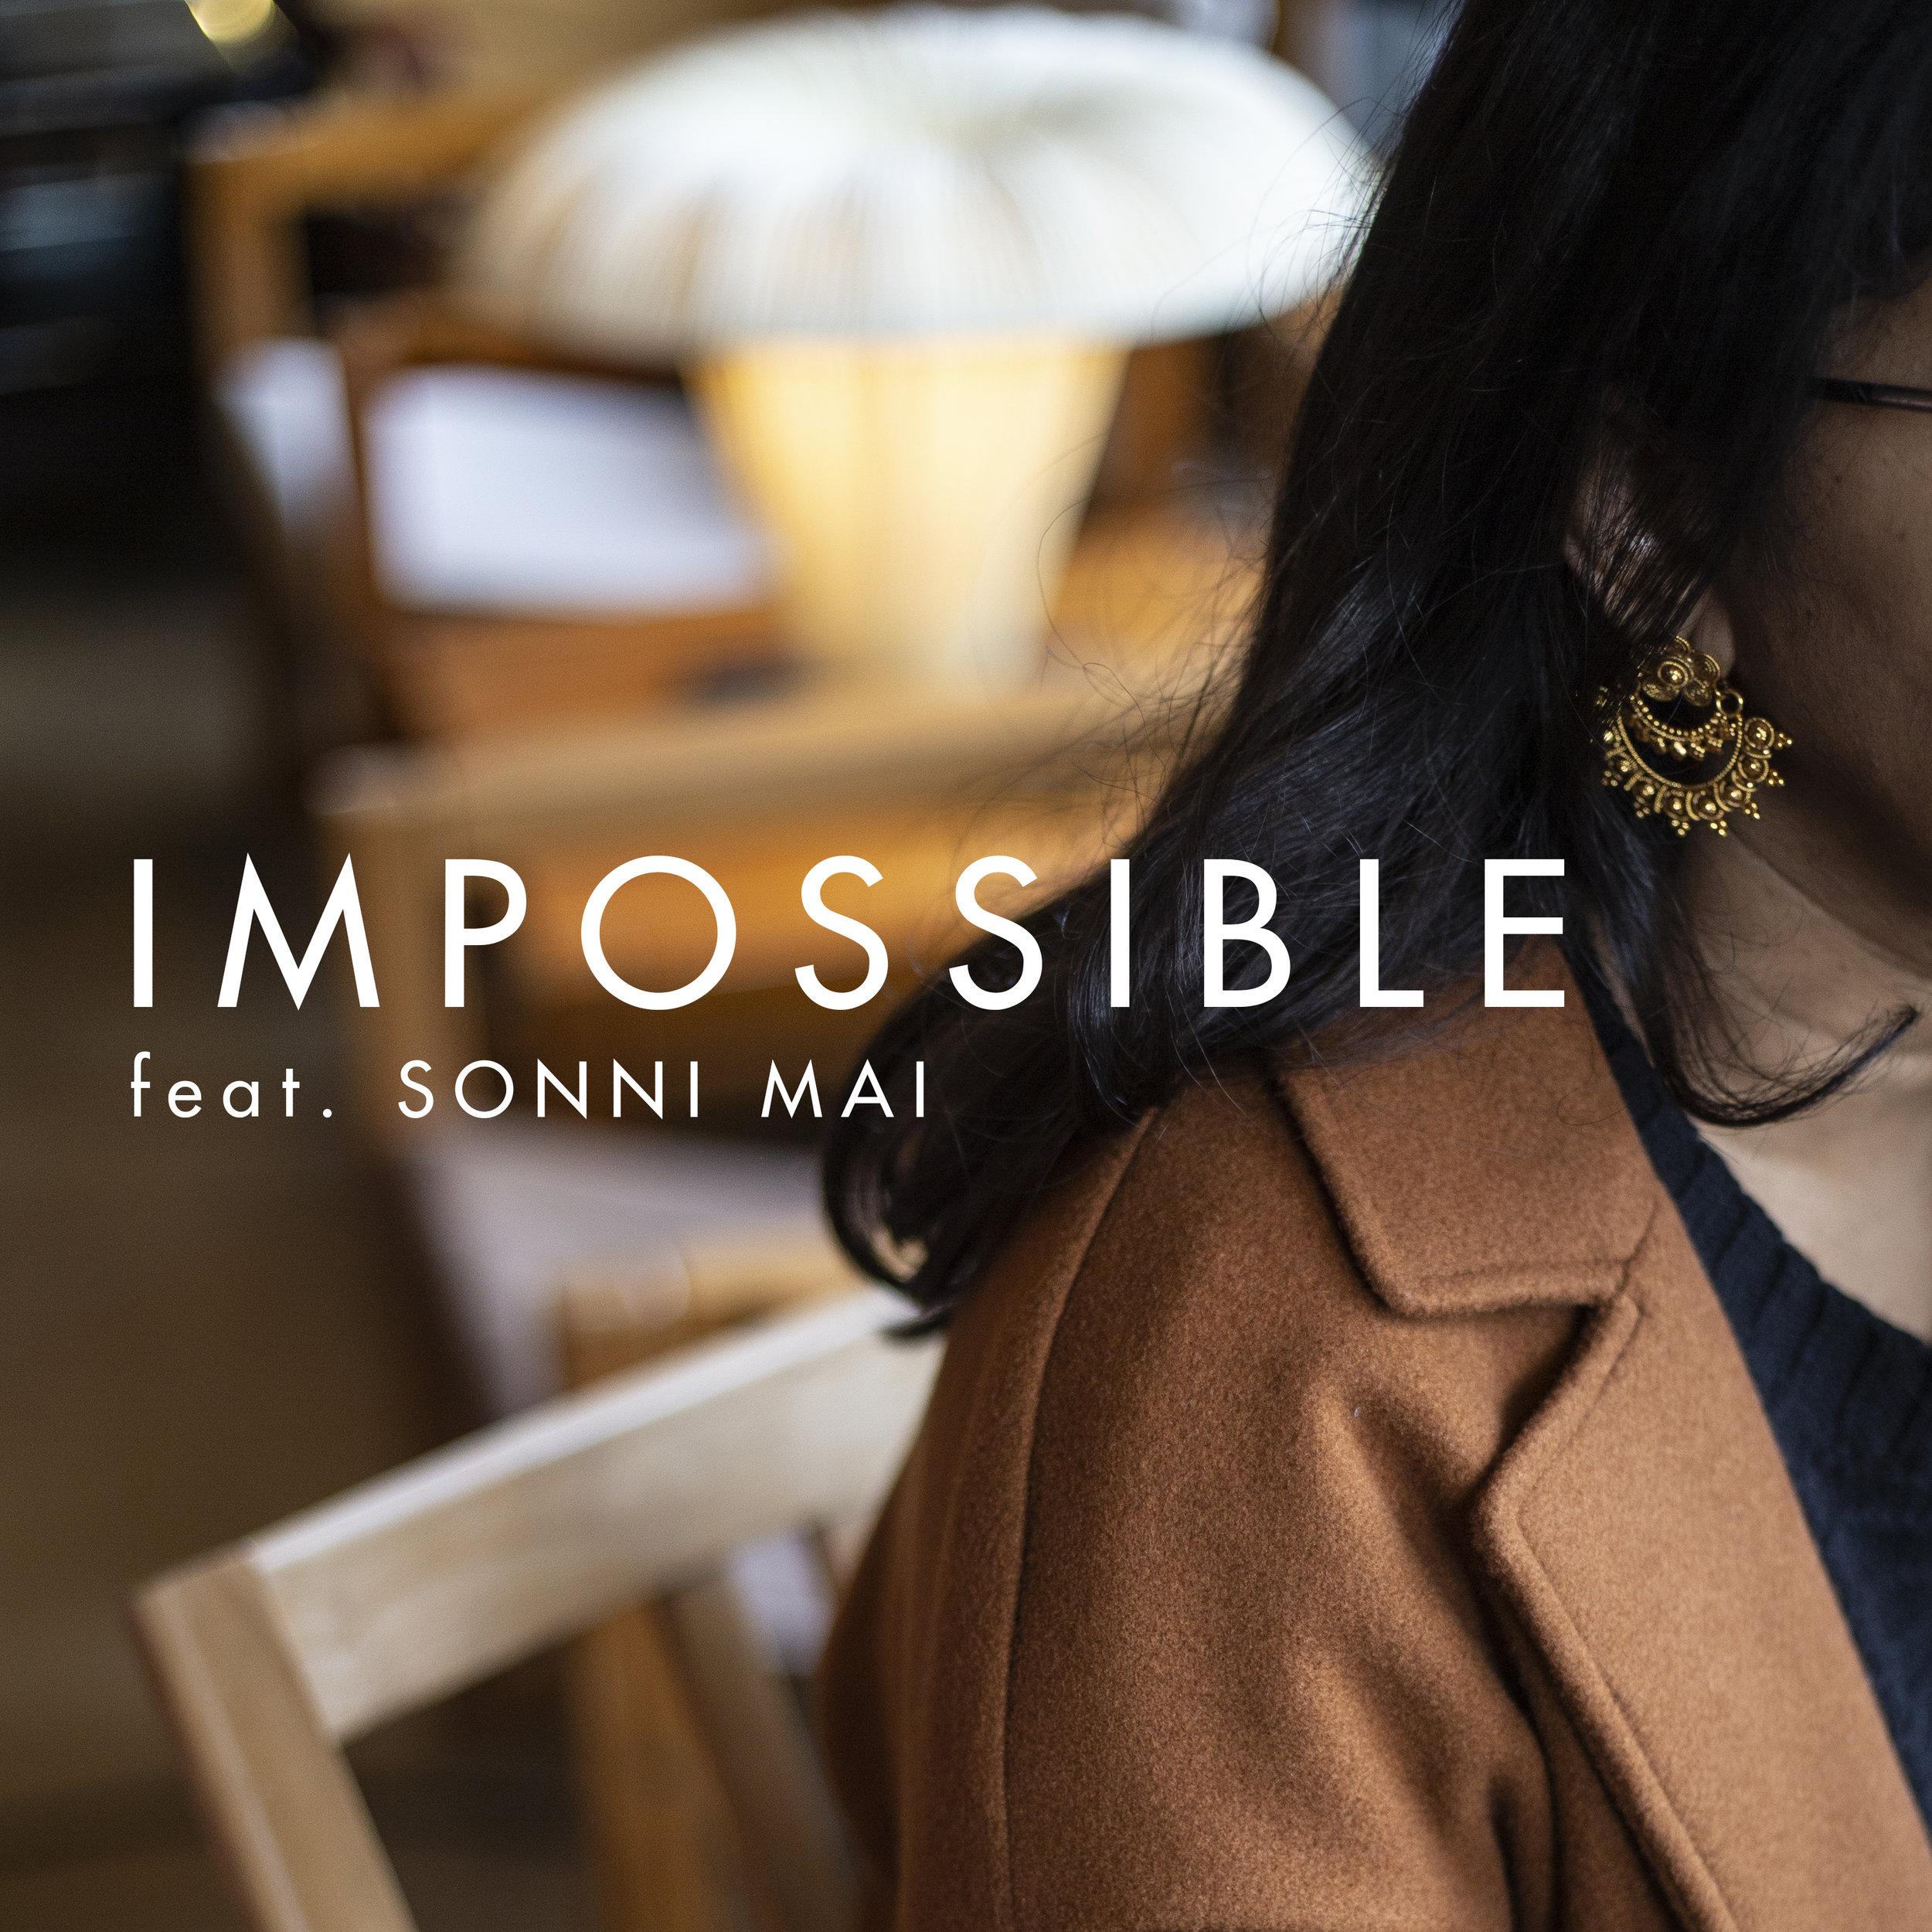 IMPOSSIBLE feat. SONNI MAI